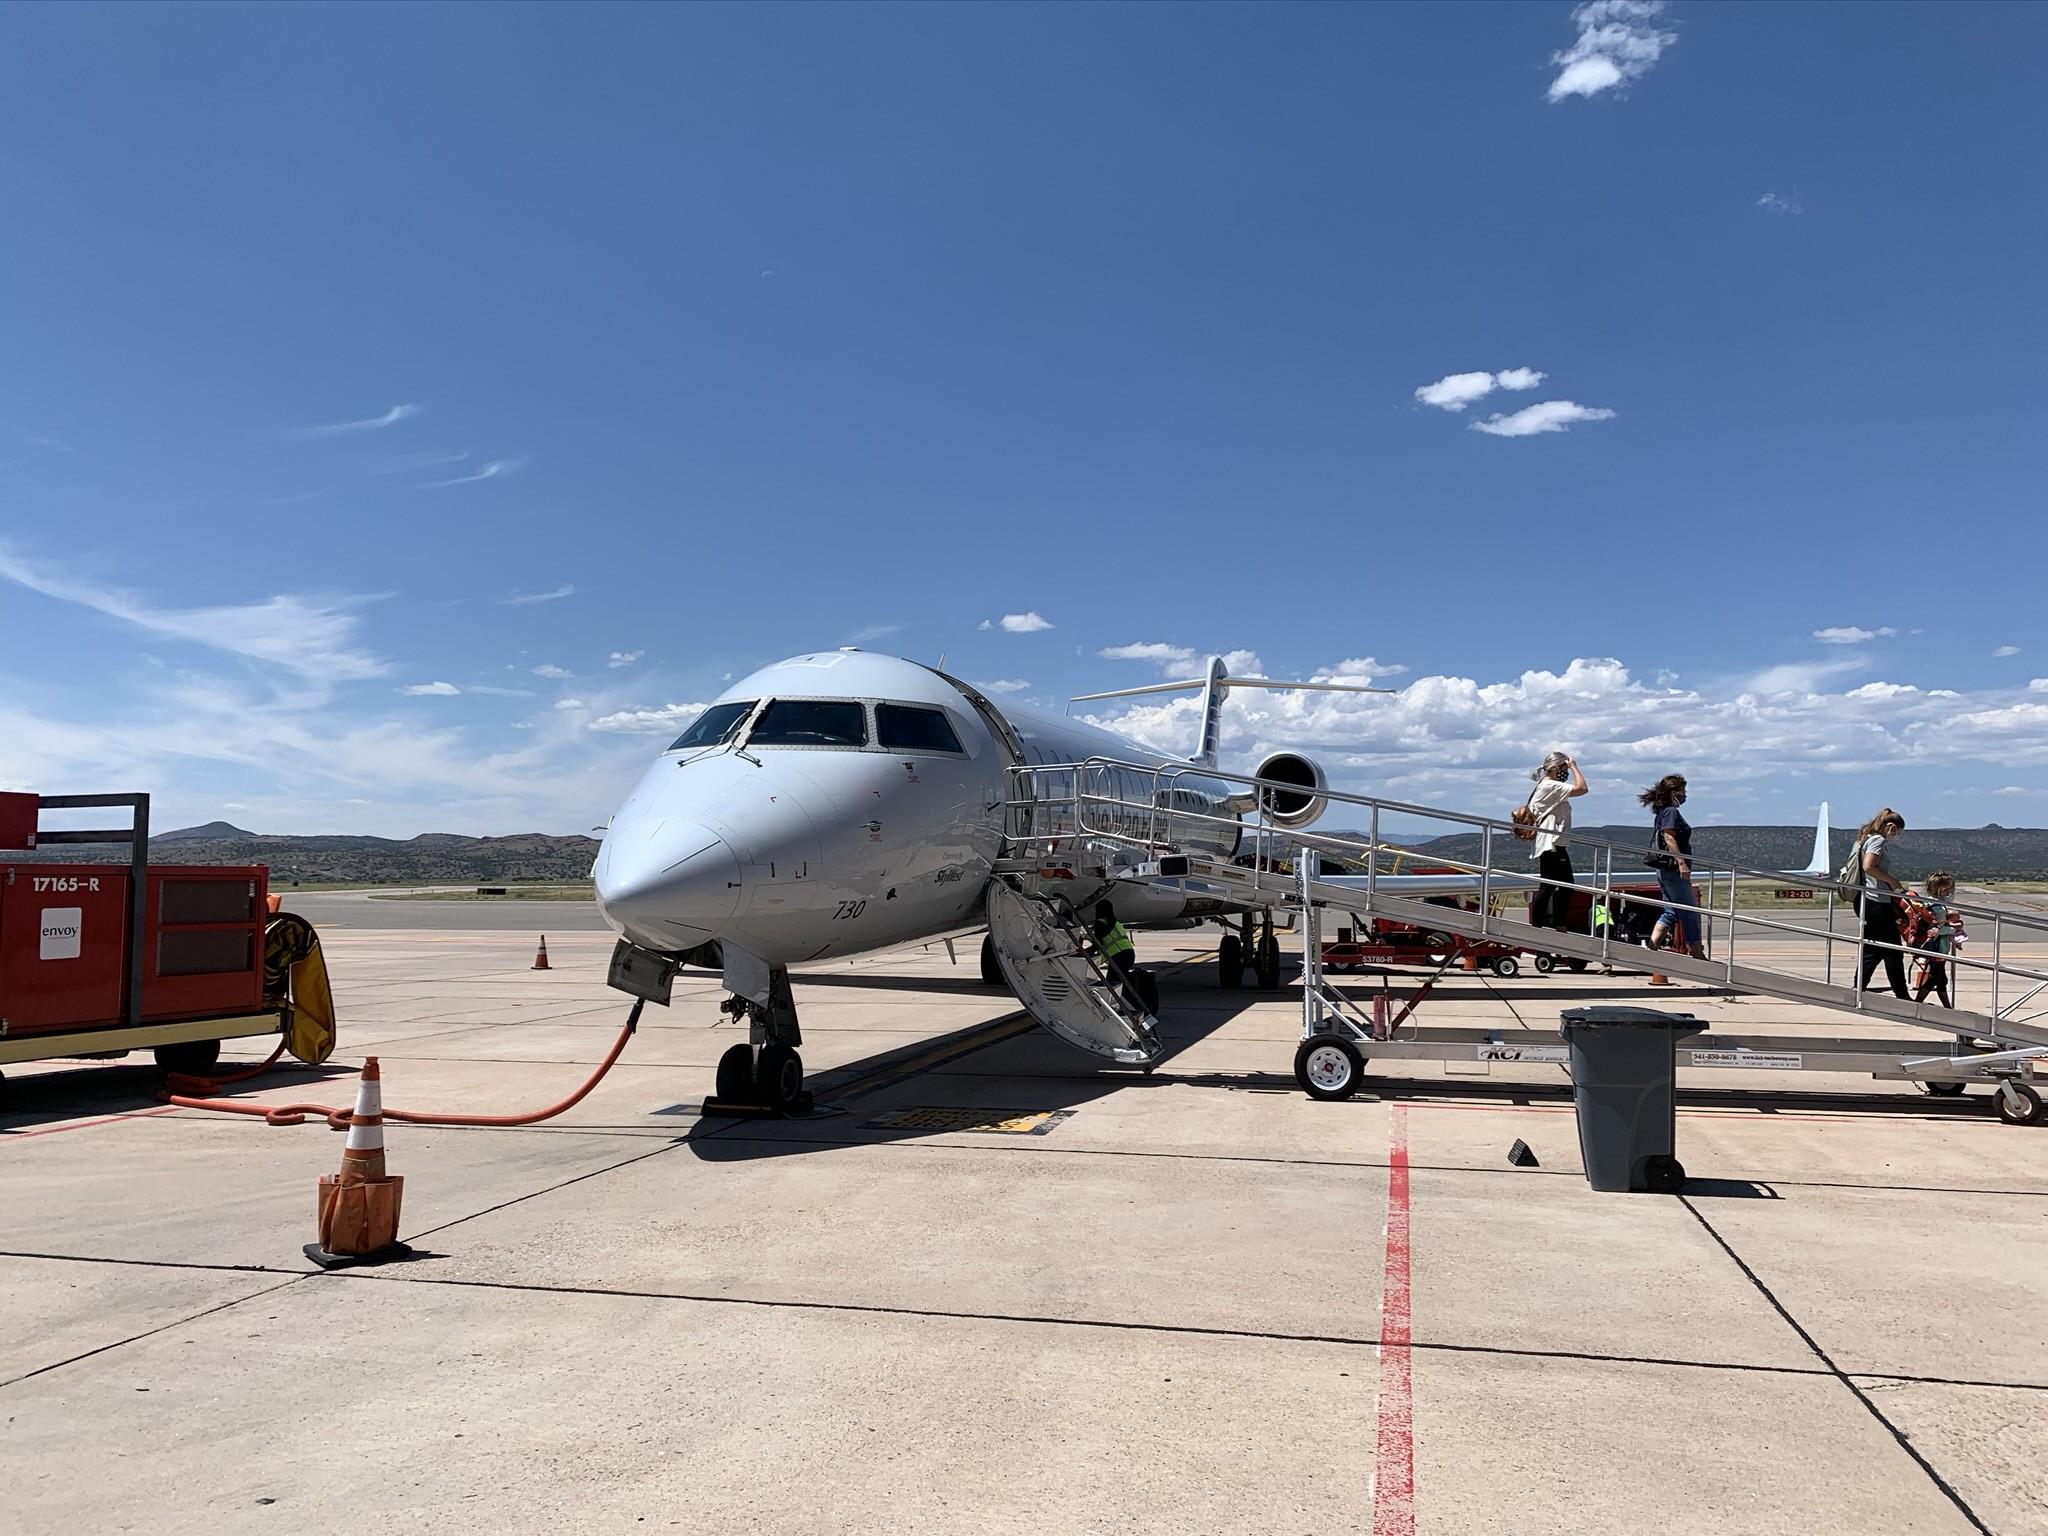 American Eagle at Santa Fe Regional Airport